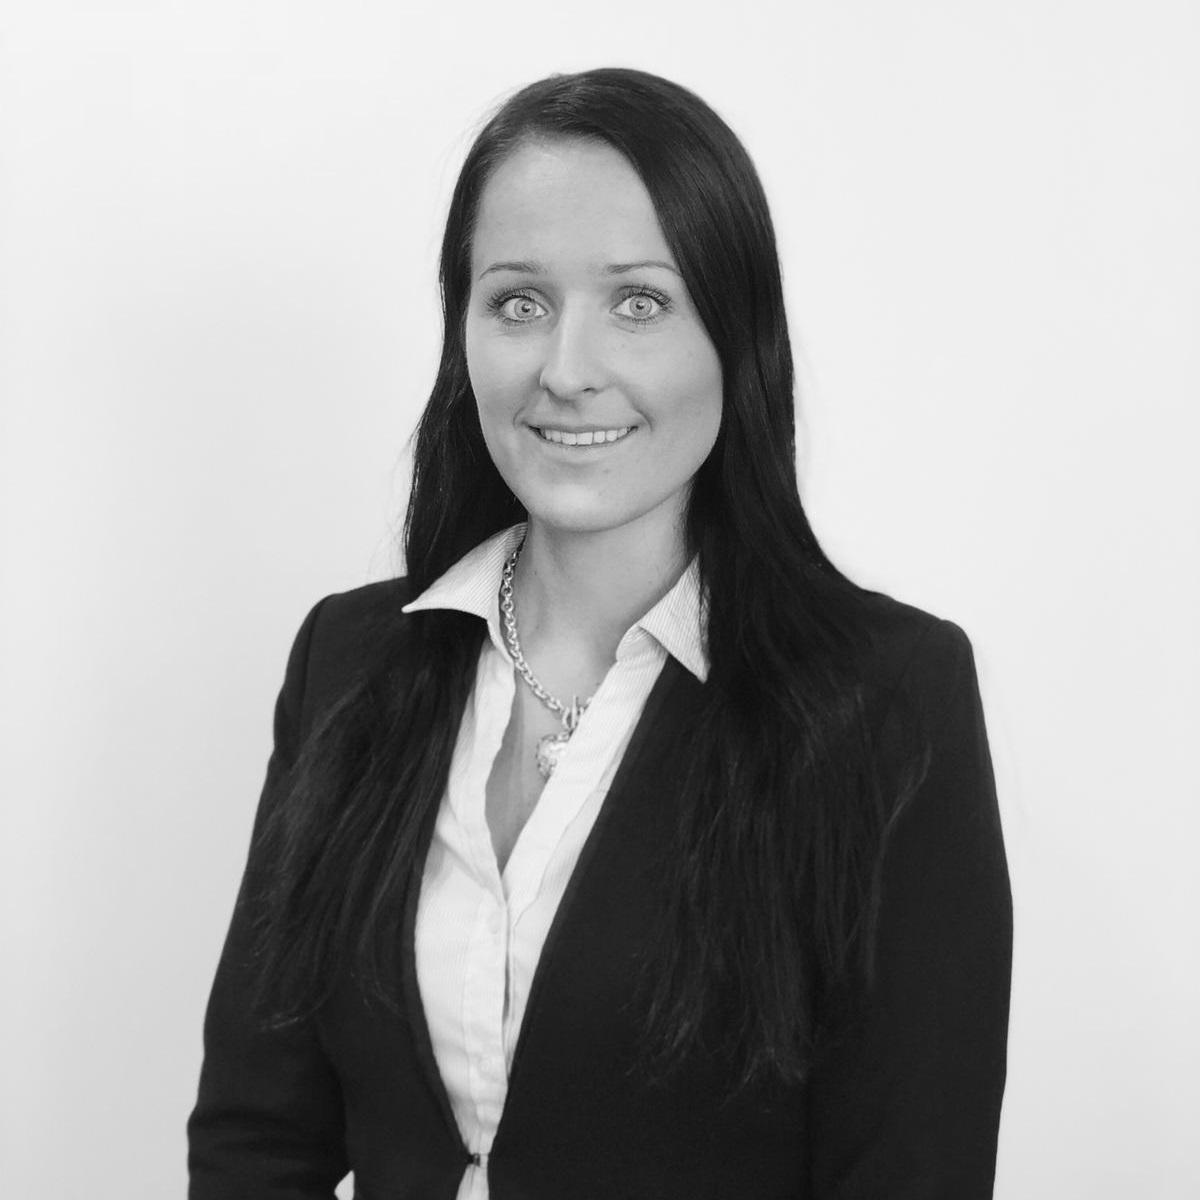 Irina Jokilaakso